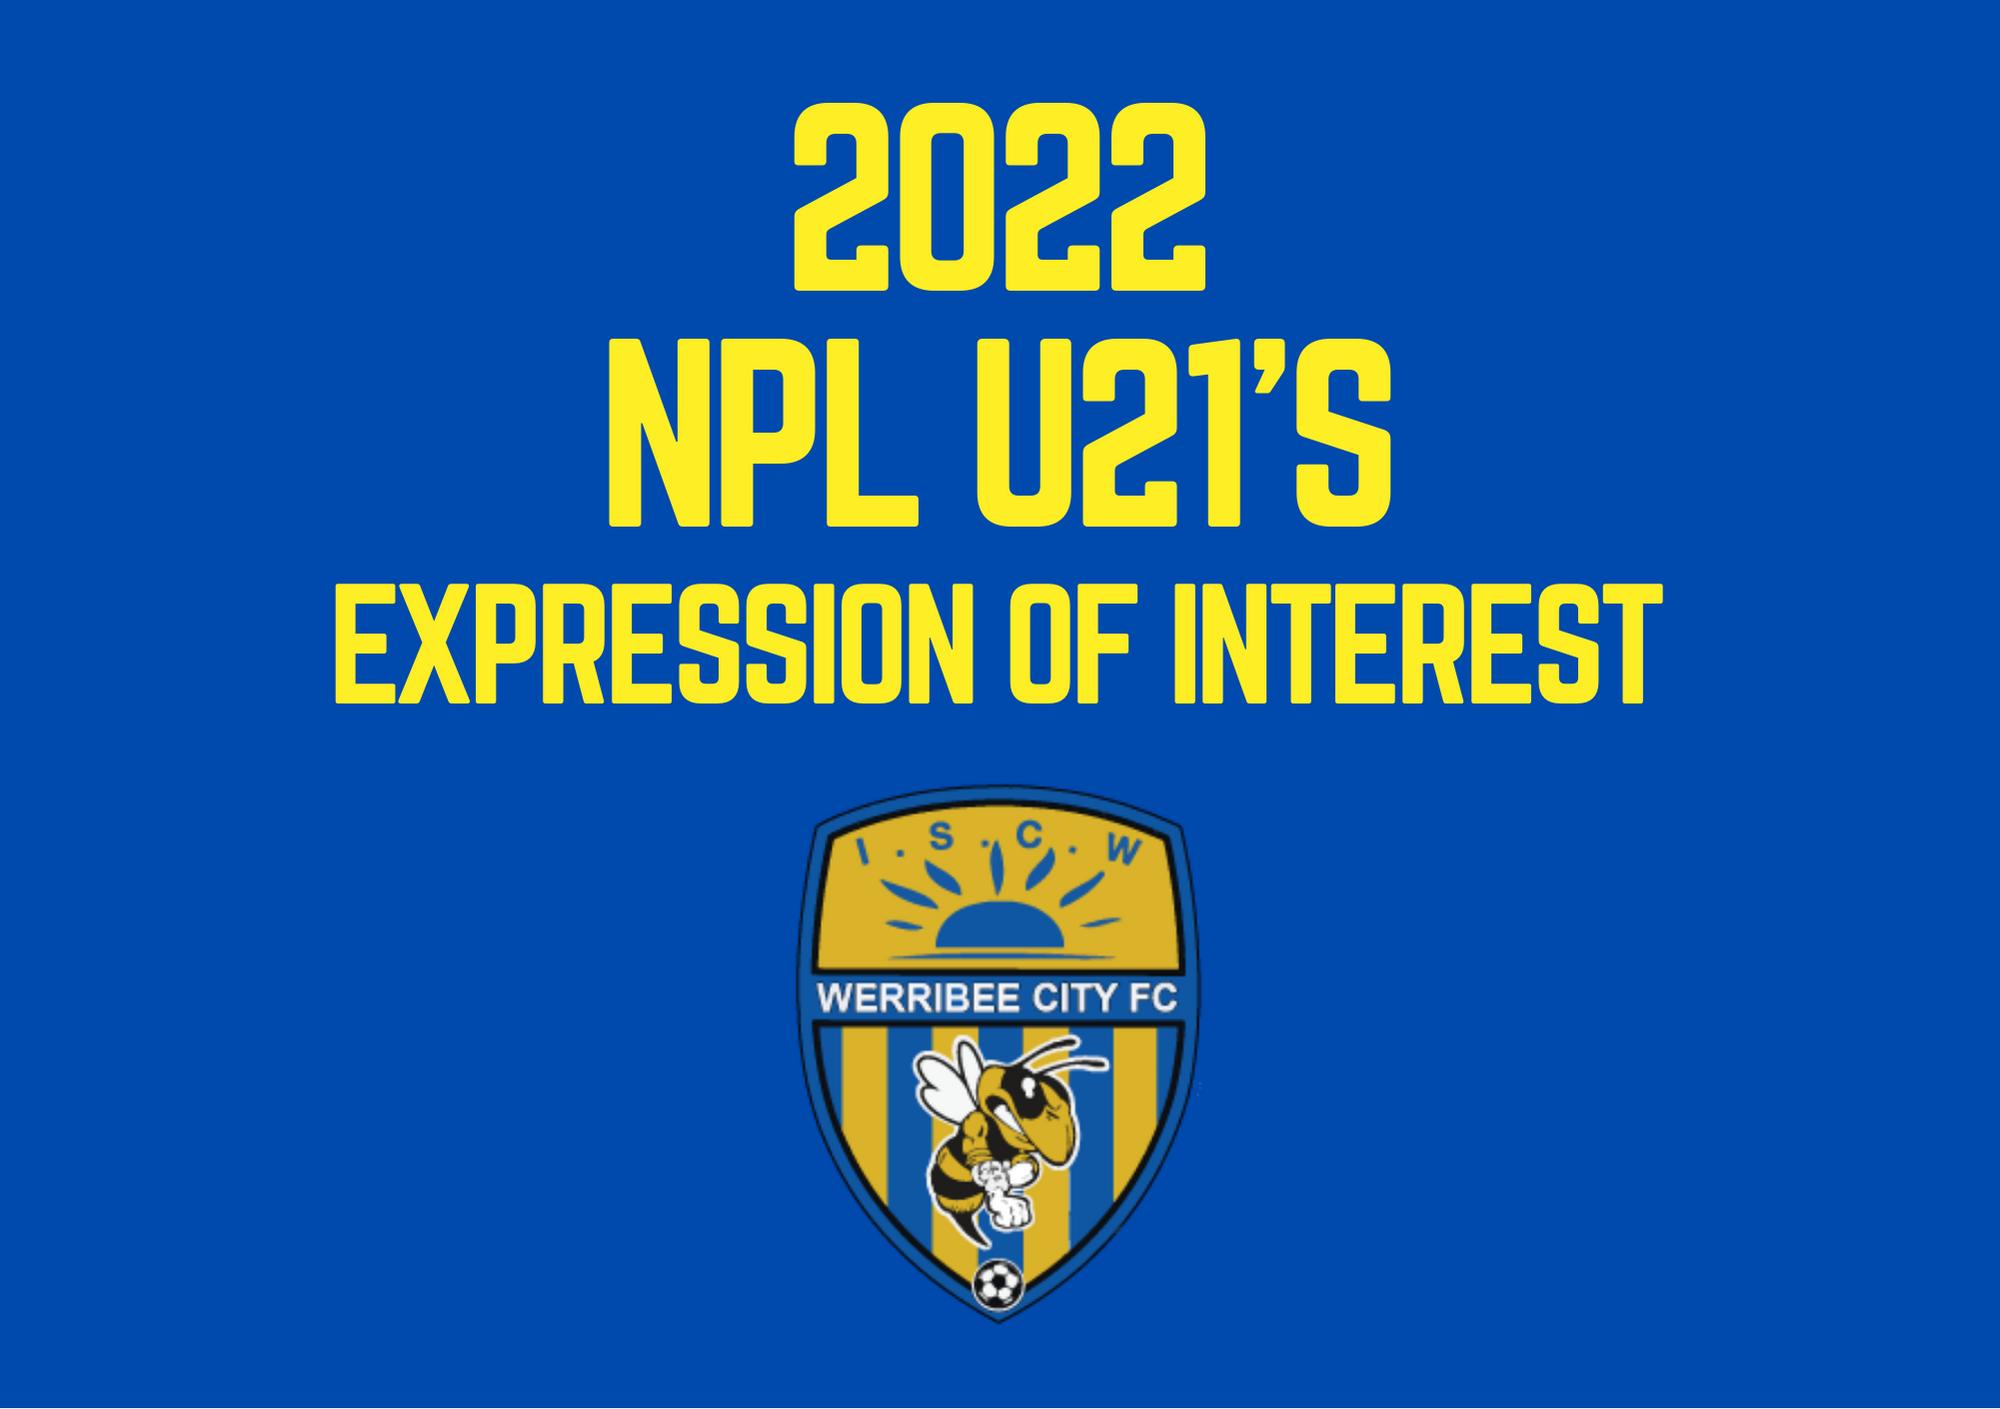 A5 NPL U21S 2022